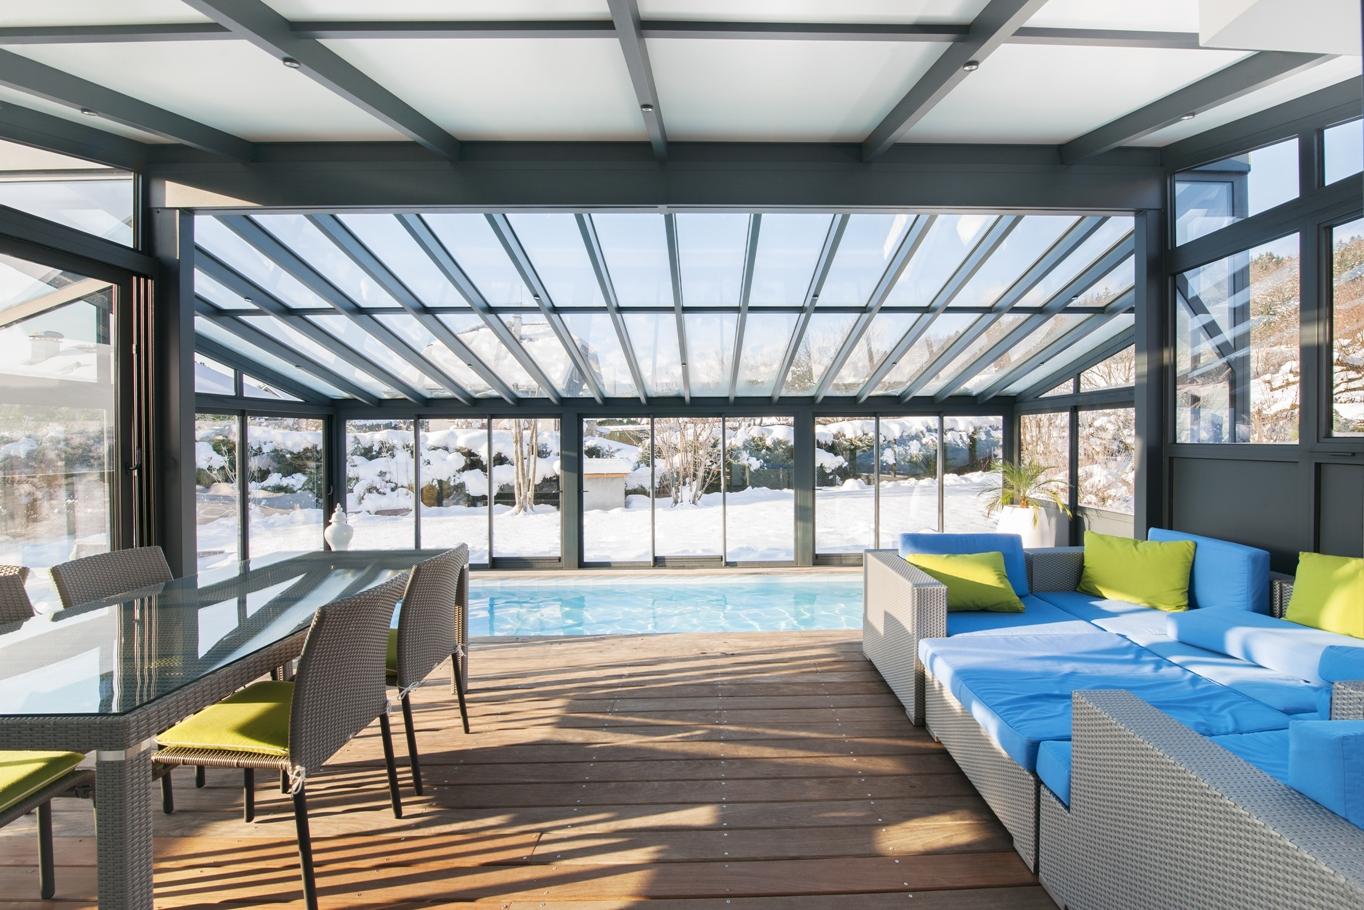 V randa et pergola en alsace haut rhin 68 mulhouse for Veranda moderne piscine